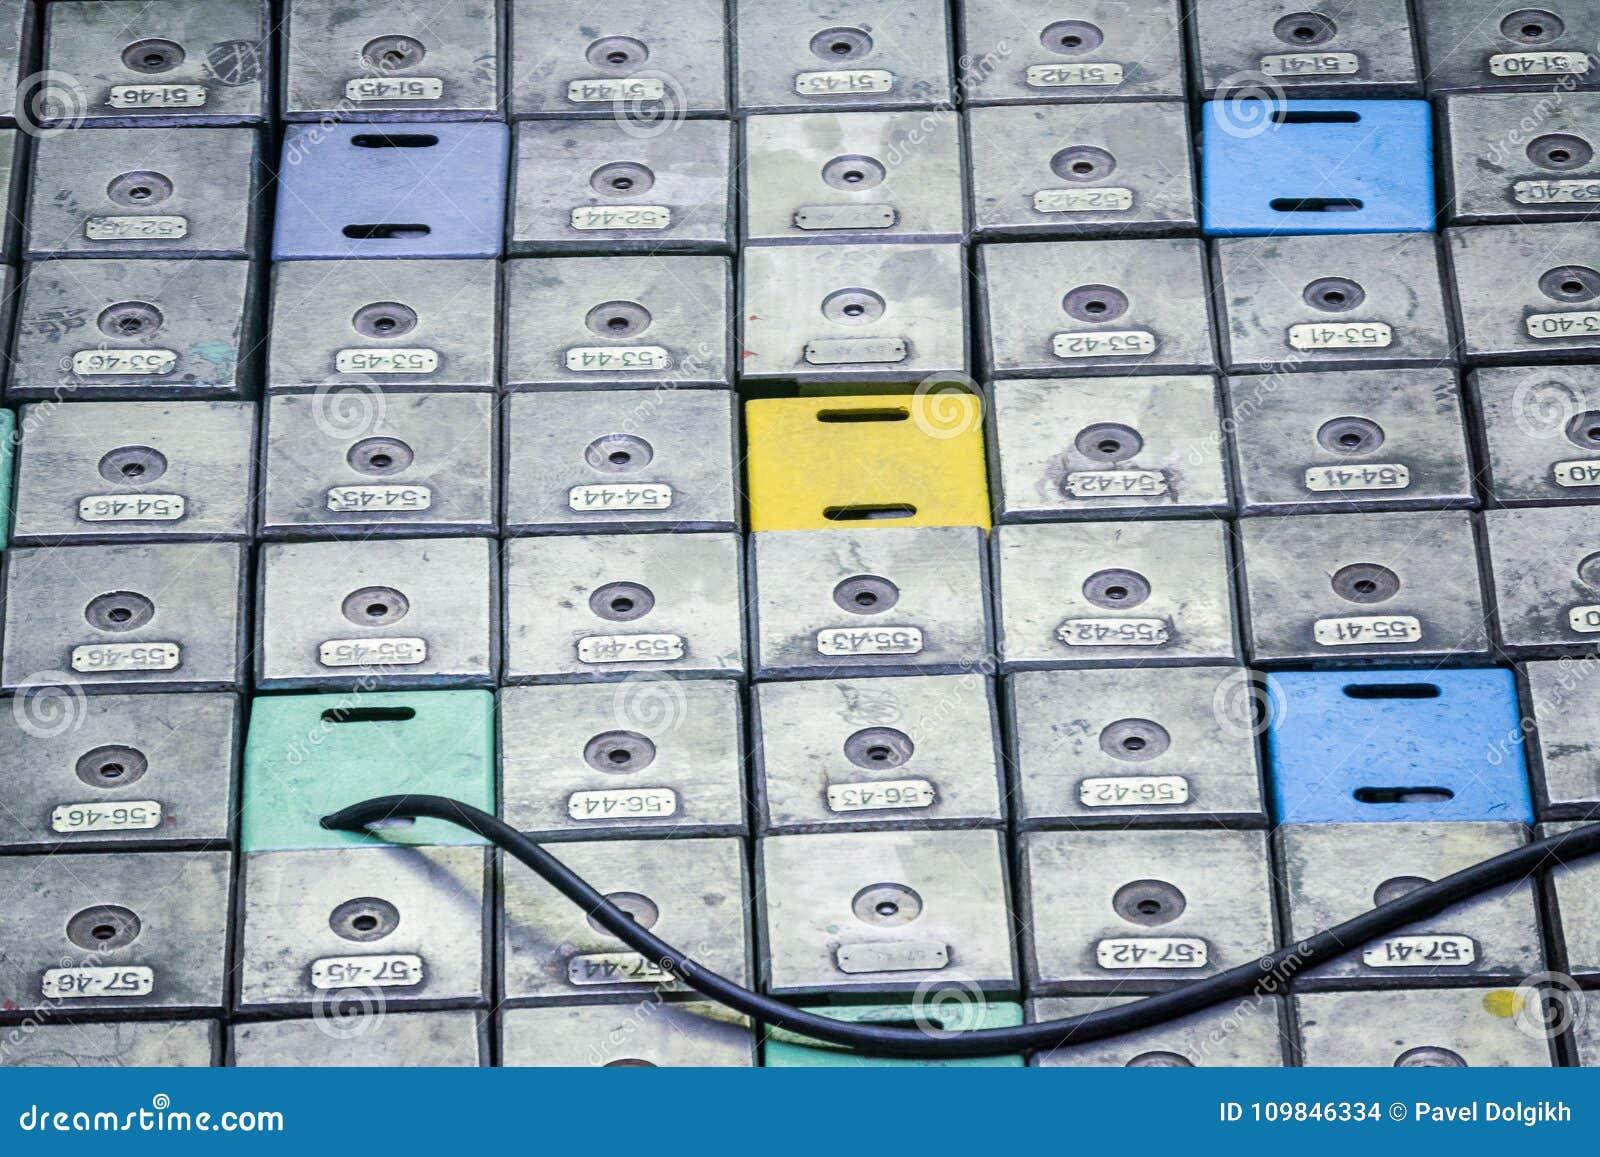 反应器室 核反应堆盒盖、反应器燃料元件的设备维修和替换